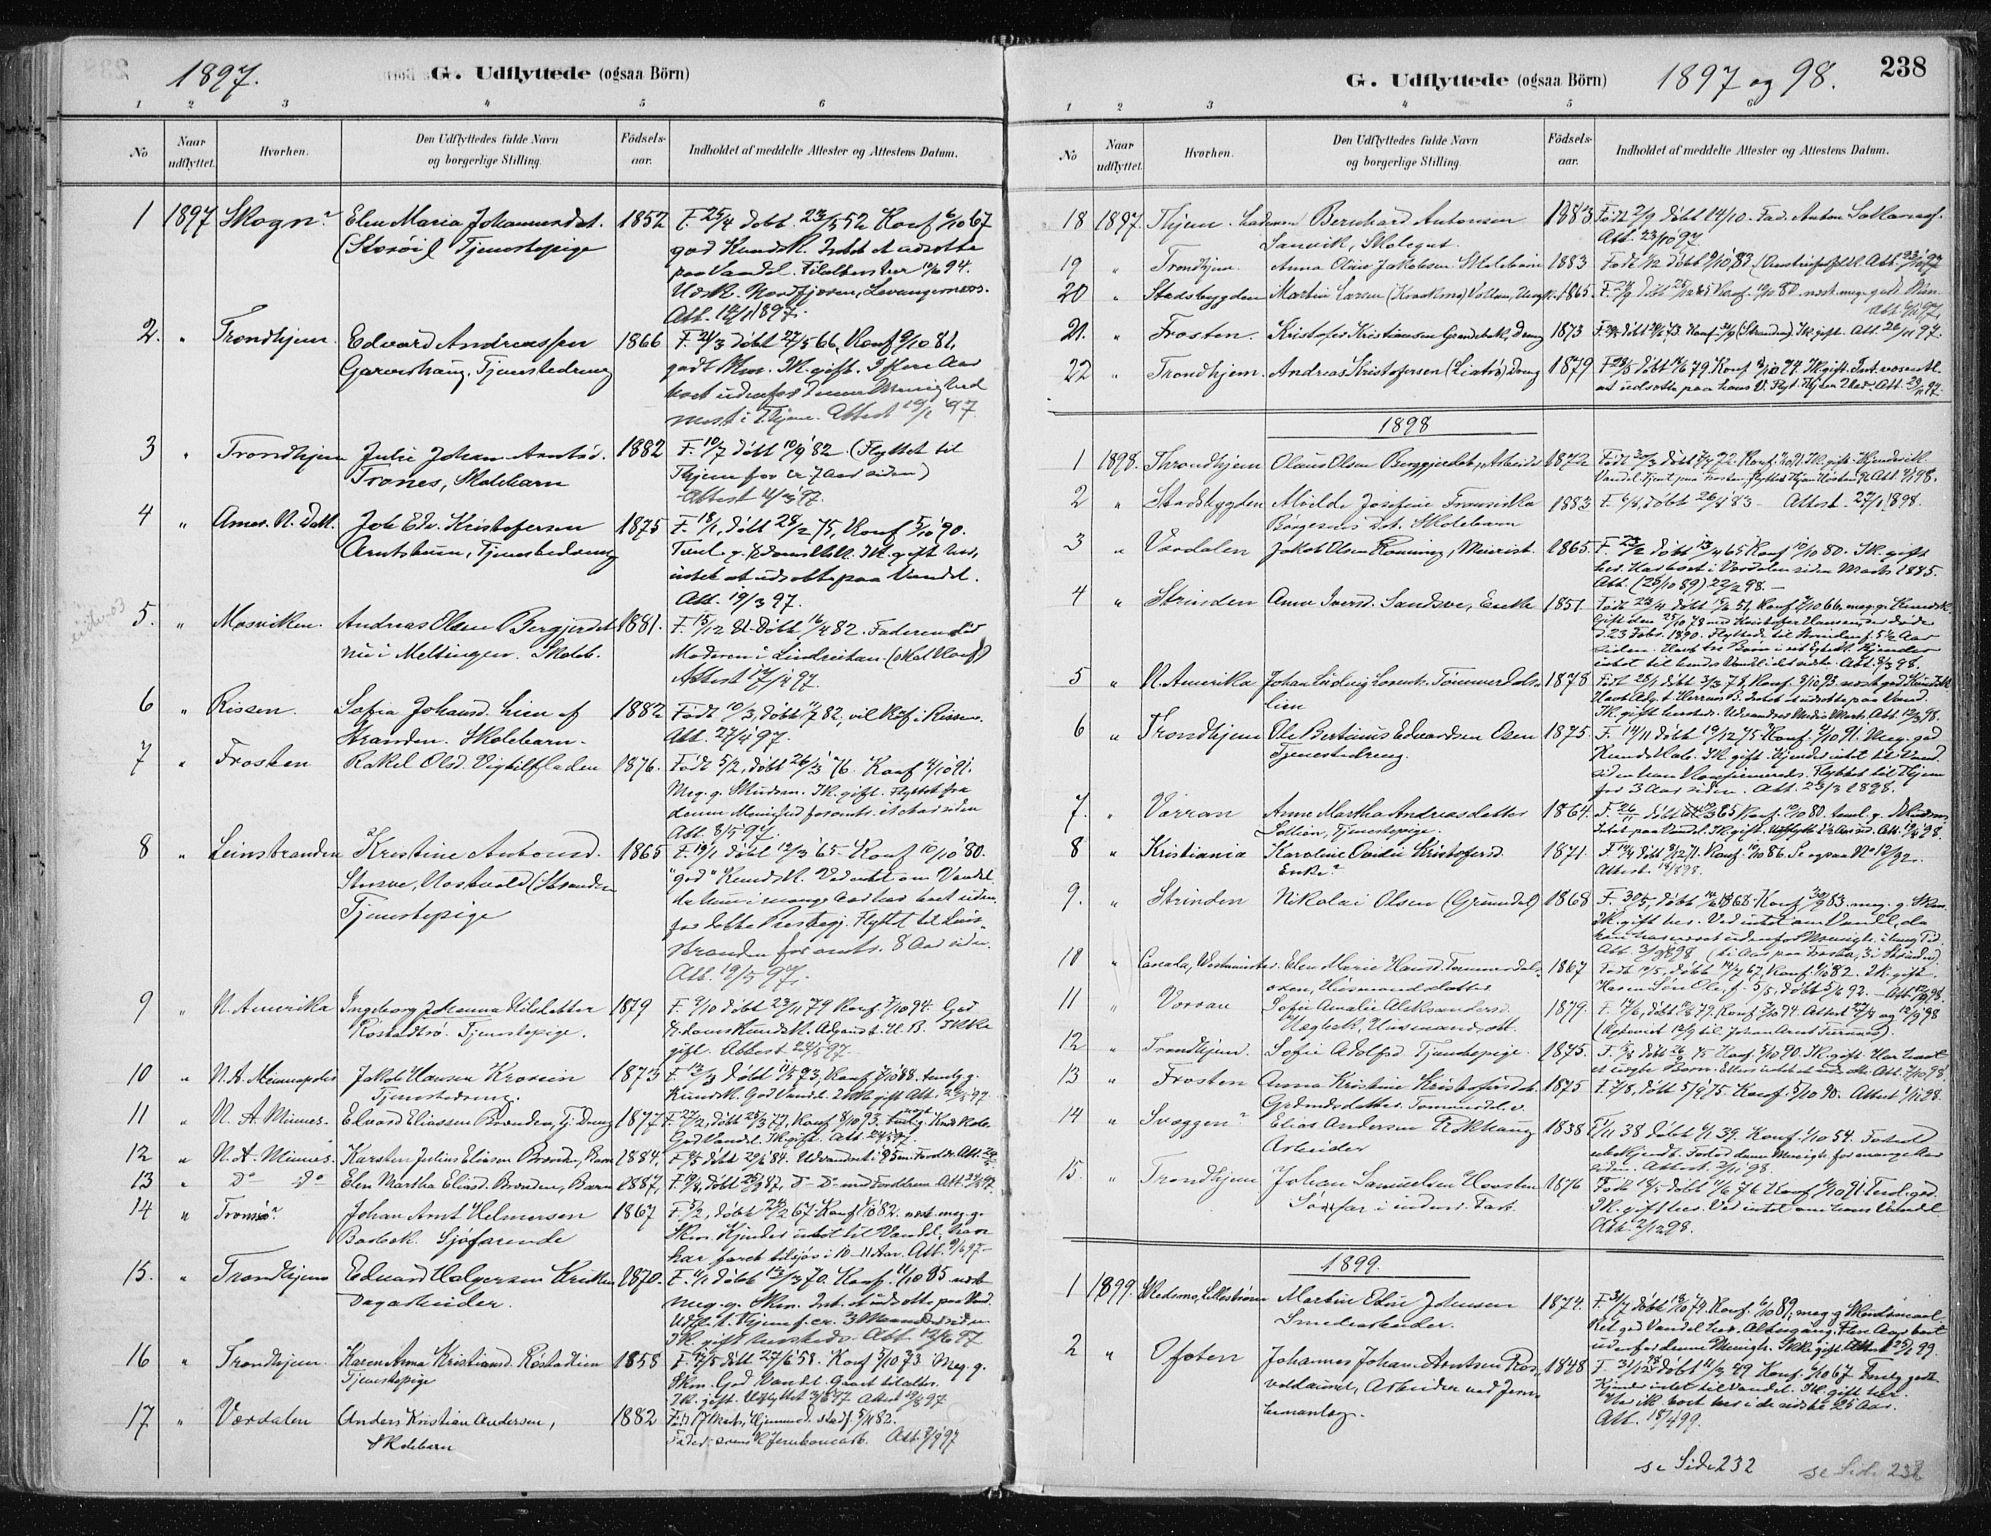 SAT, Ministerialprotokoller, klokkerbøker og fødselsregistre - Nord-Trøndelag, 701/L0010: Ministerialbok nr. 701A10, 1883-1899, s. 238